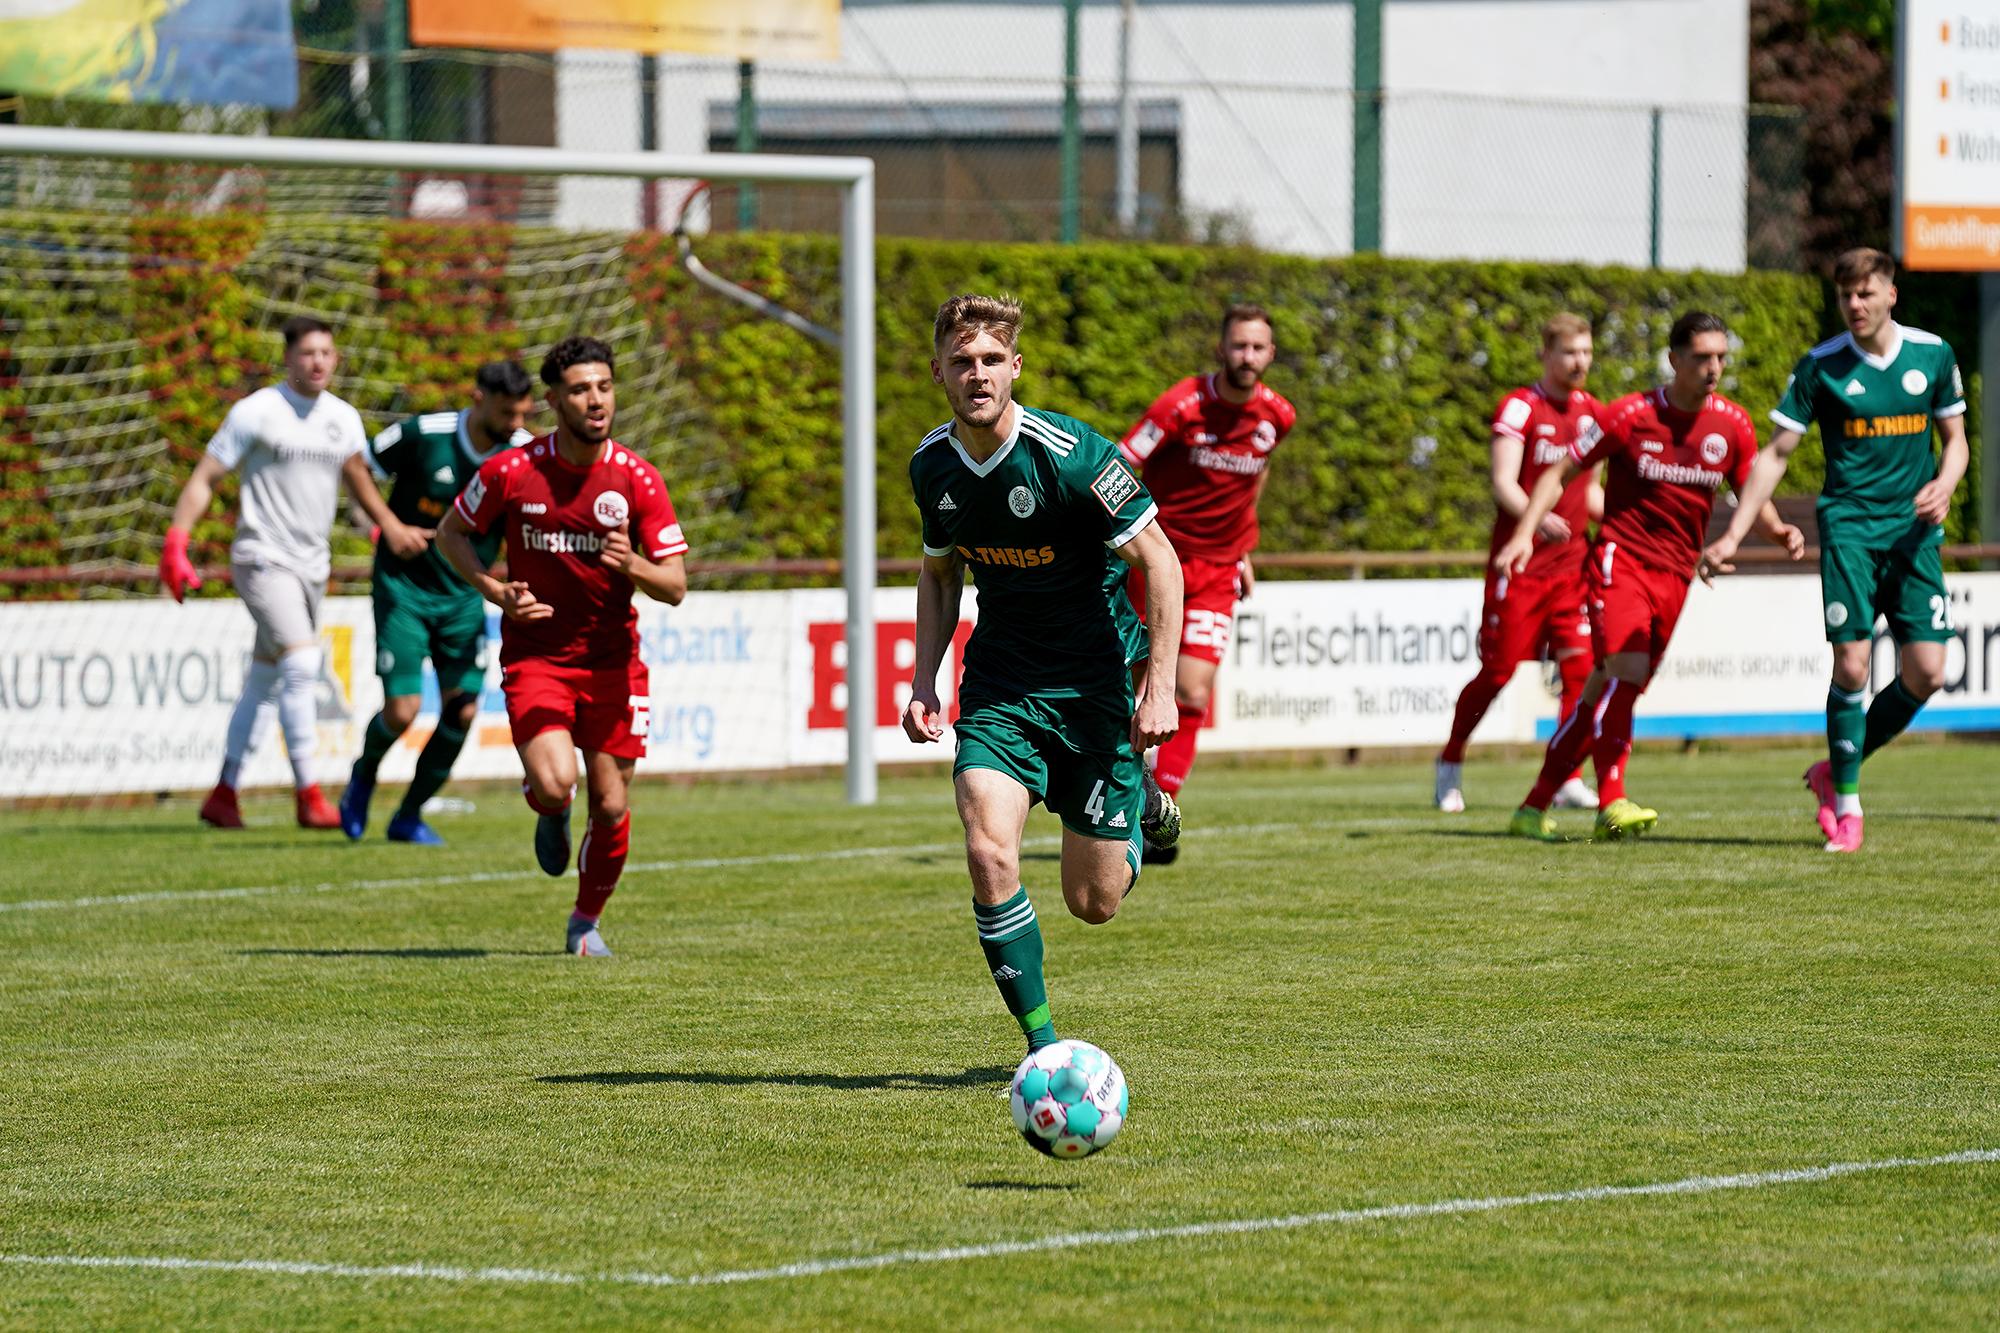 24.04.2021 | Saison 2020/21 | FC 08 Homburg | Bahlinger SC